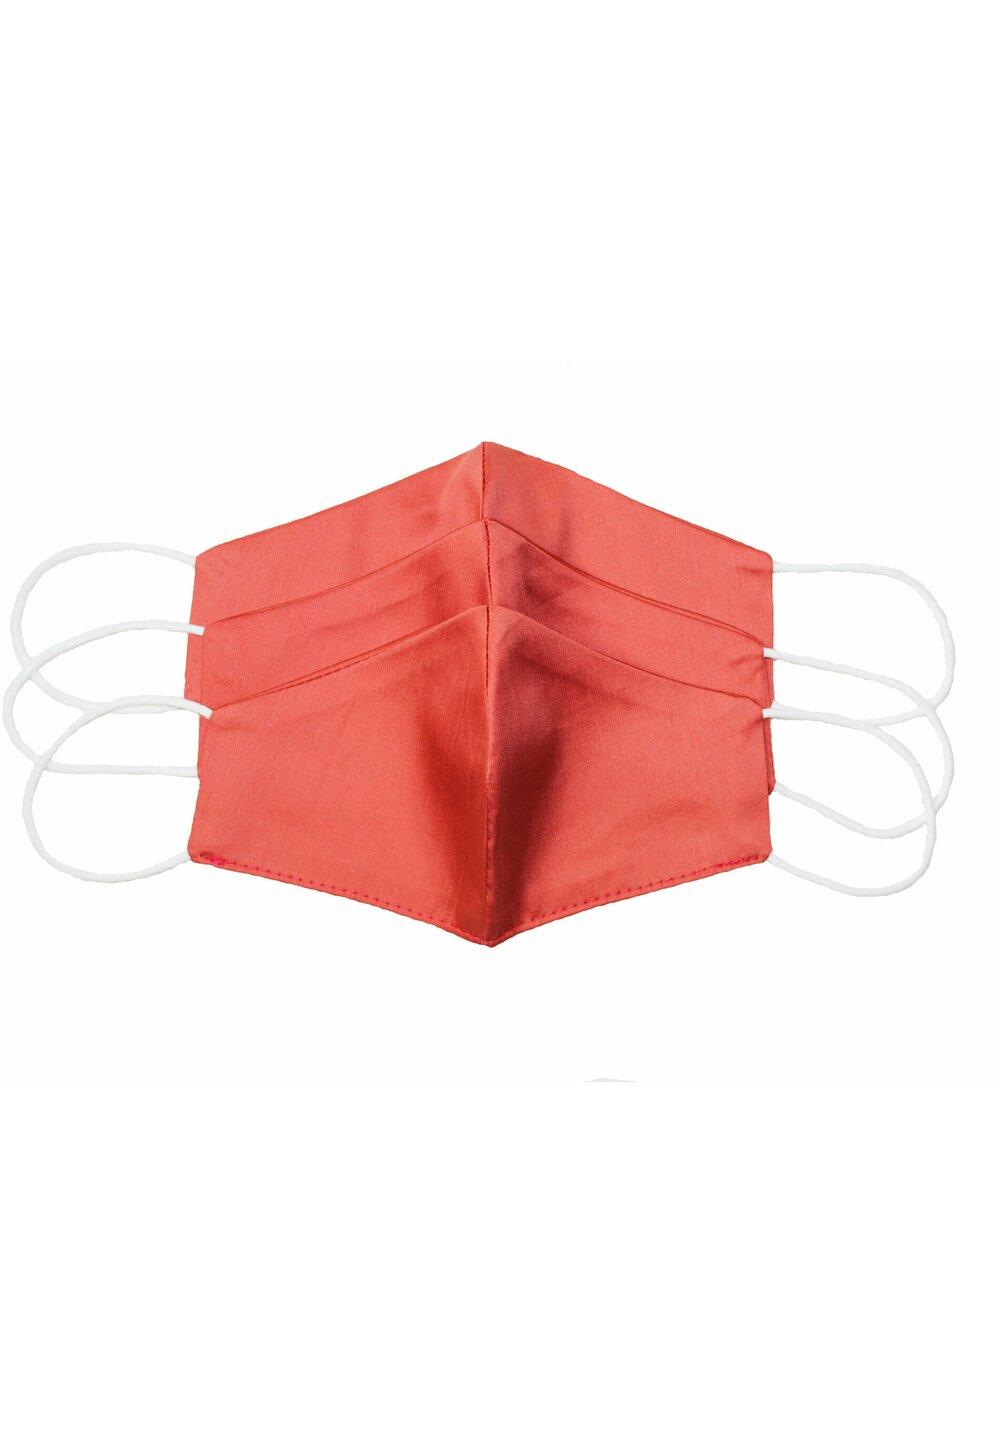 Masca reutilizabila, set 3 buc,copii, 6-10 ani, portocalie imagine